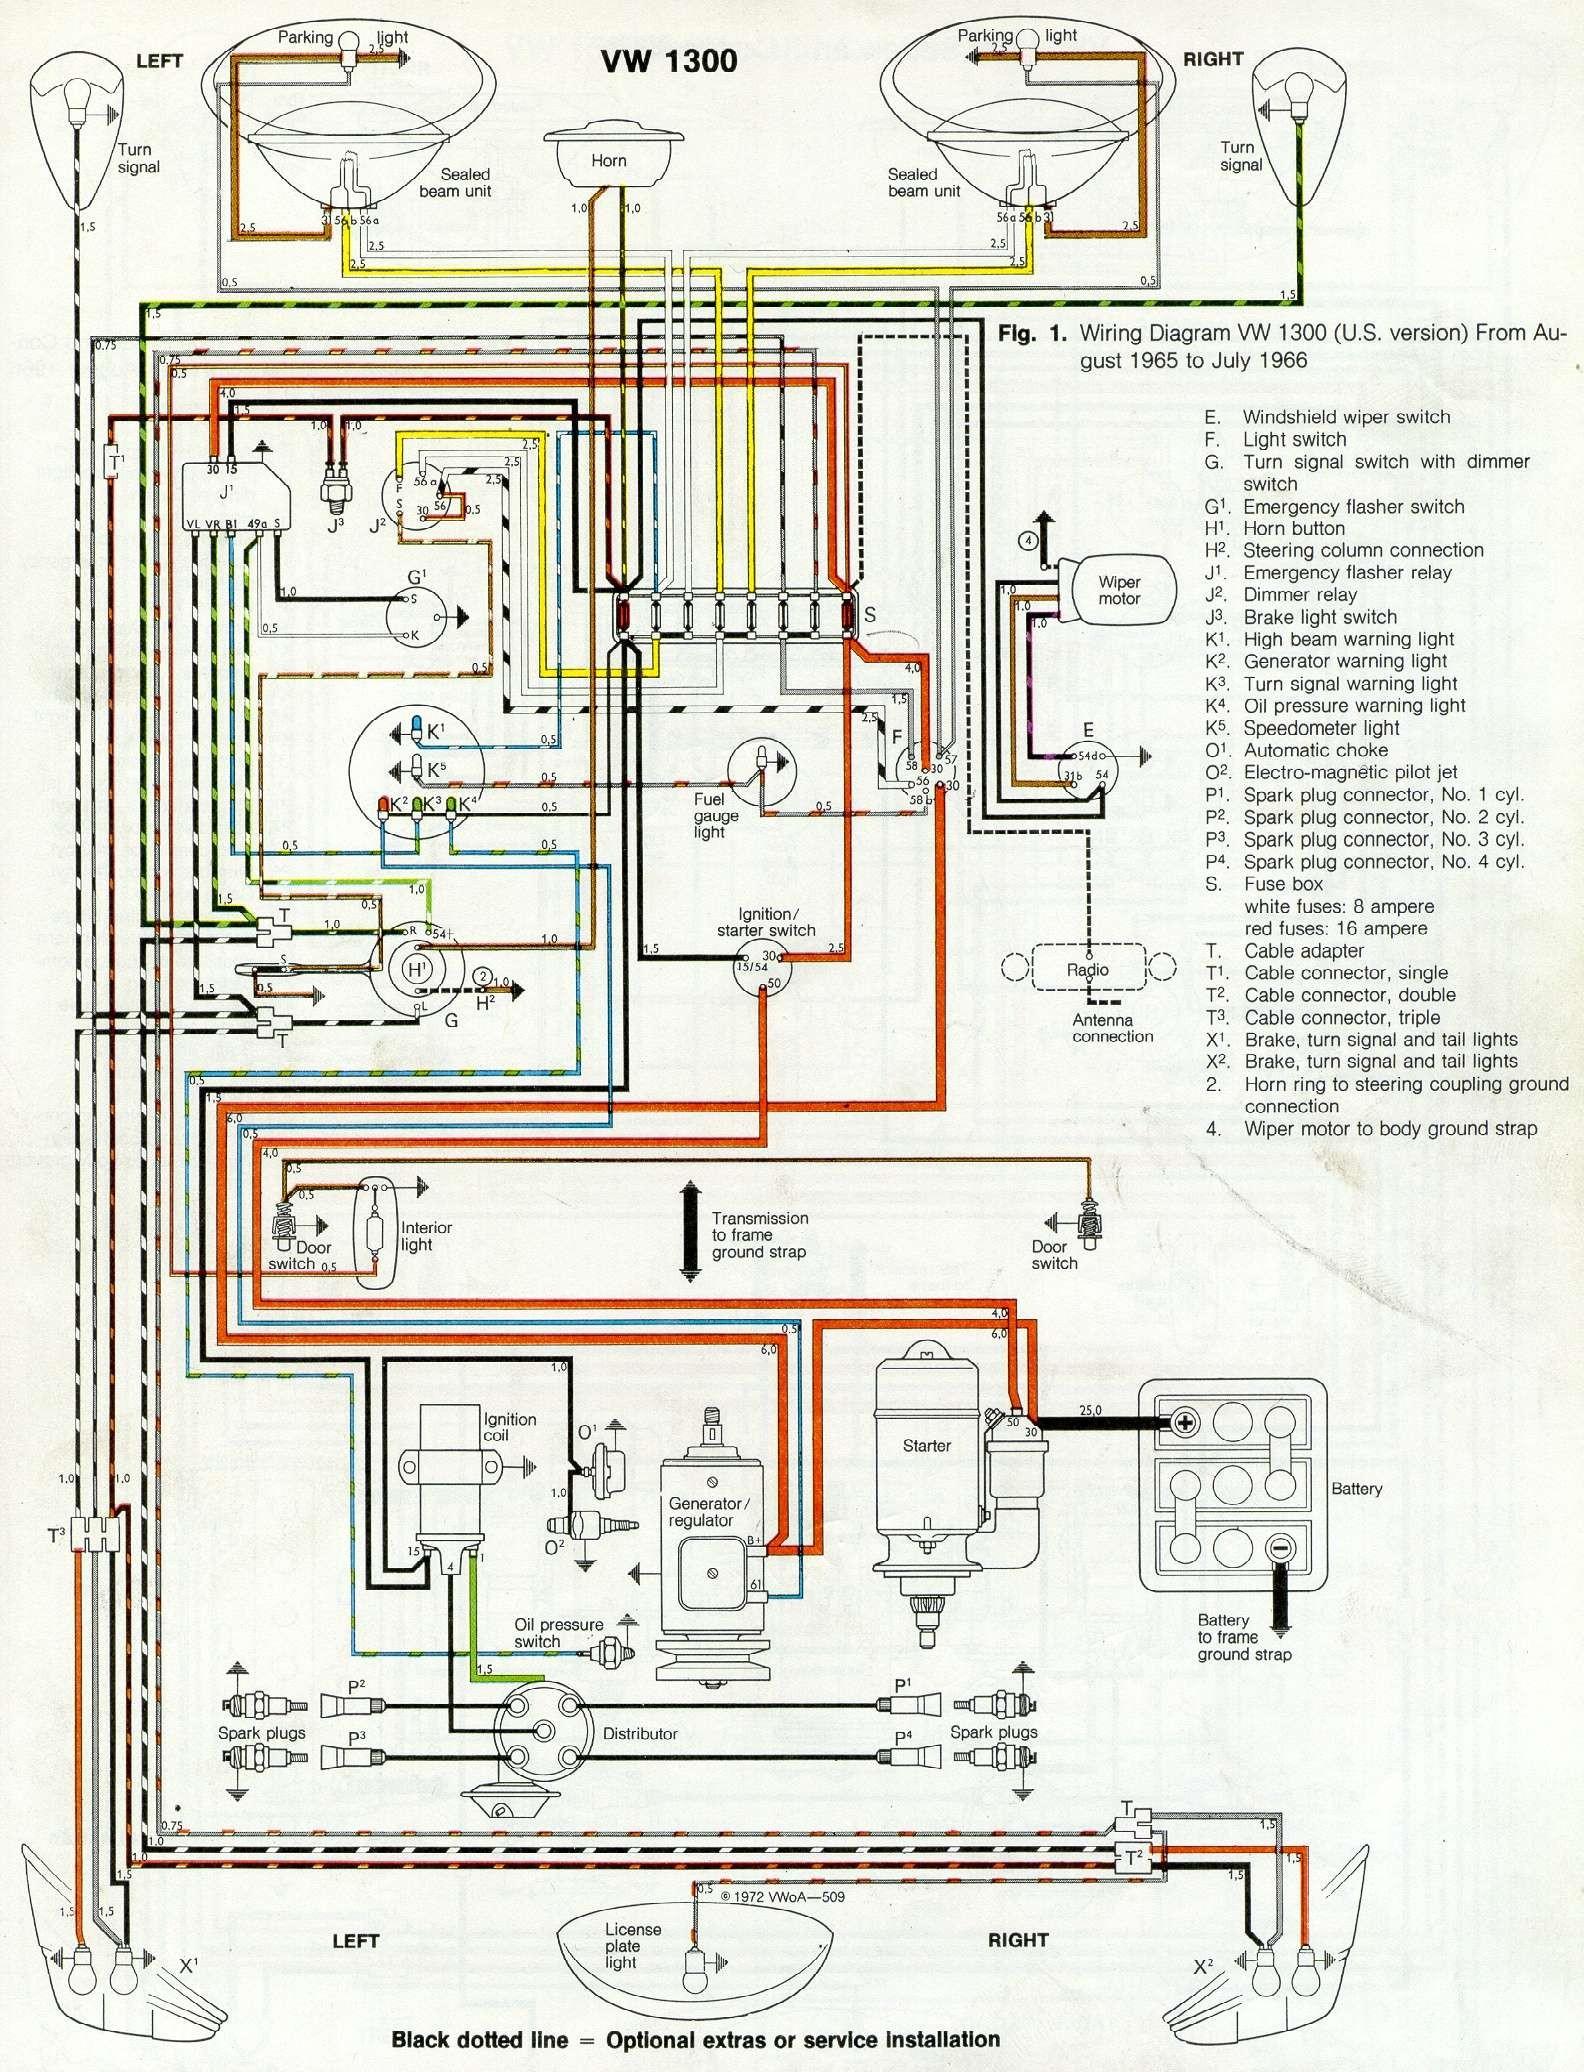 Thesamba Type 1 Wiring Diagrams VW Buggy Wiring Diagram 1965 Vw Wiring Diagram